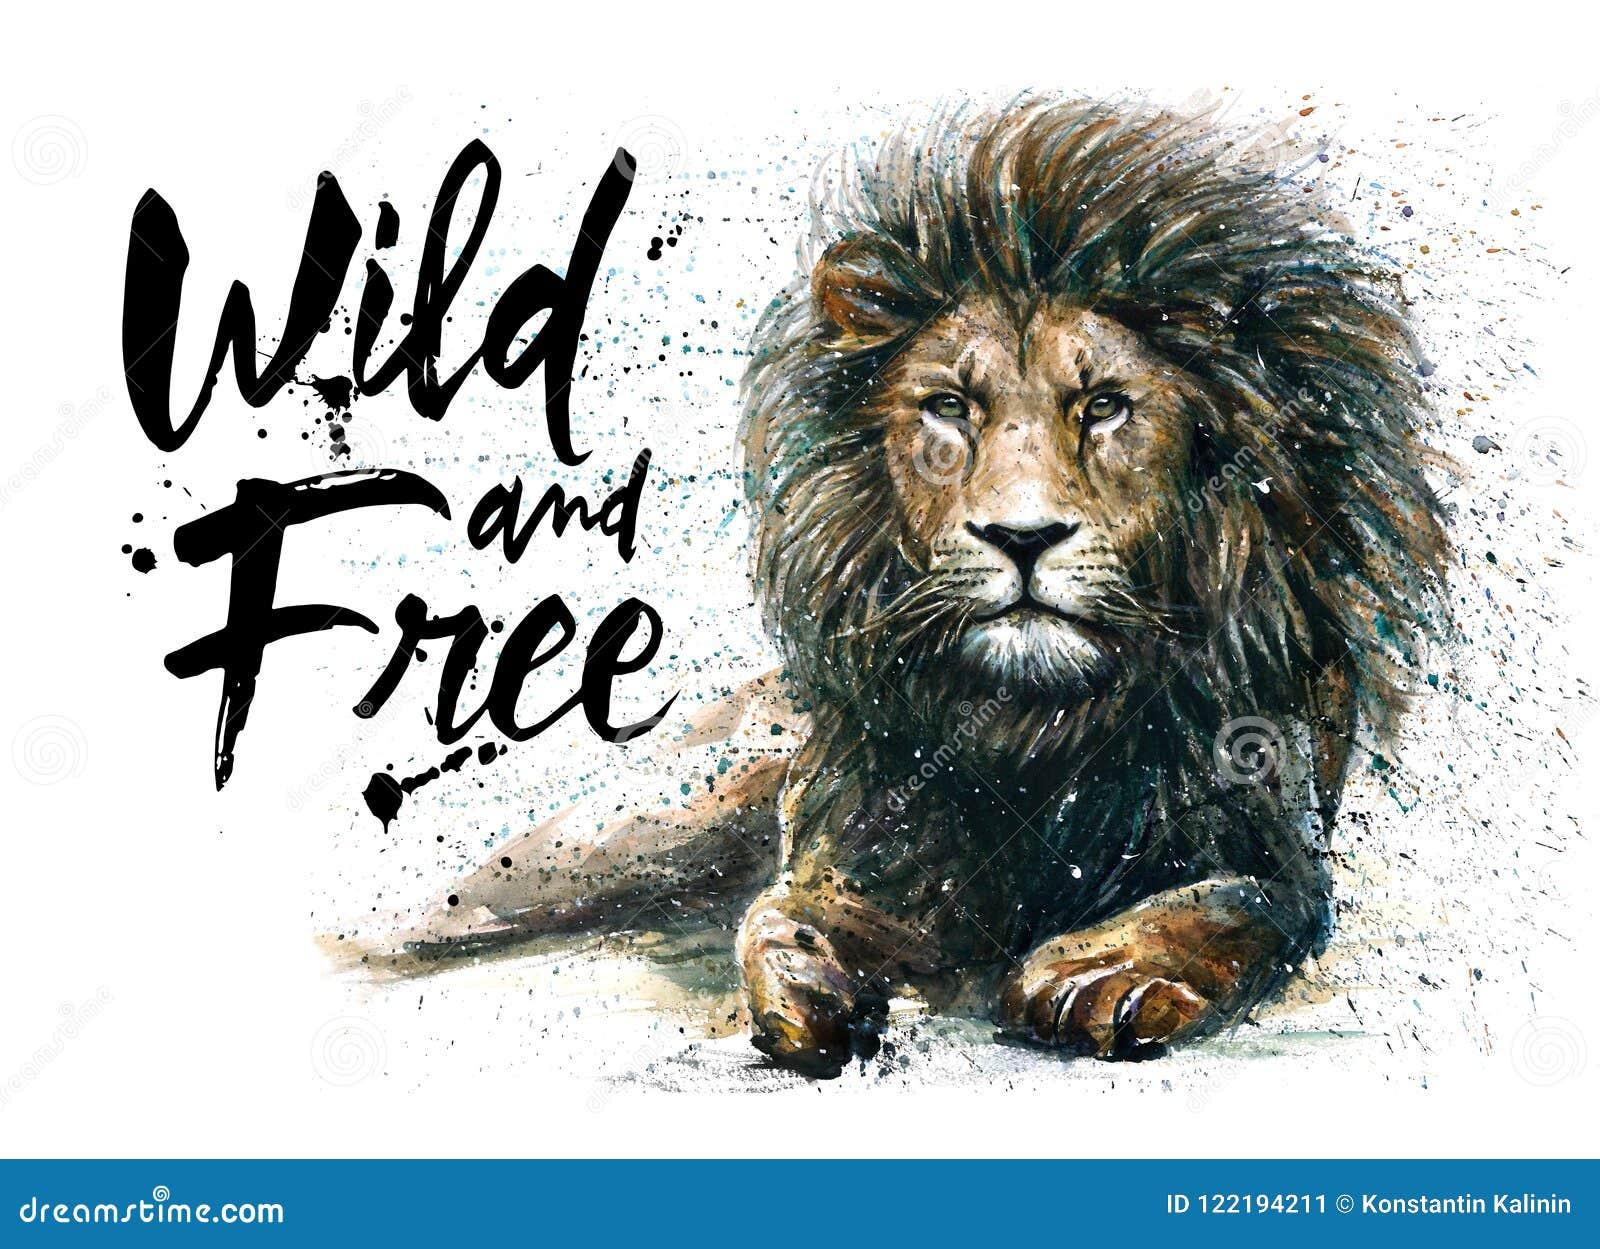 León-rey, pintura de la acuarela, depredador de animales, pintura de la fauna